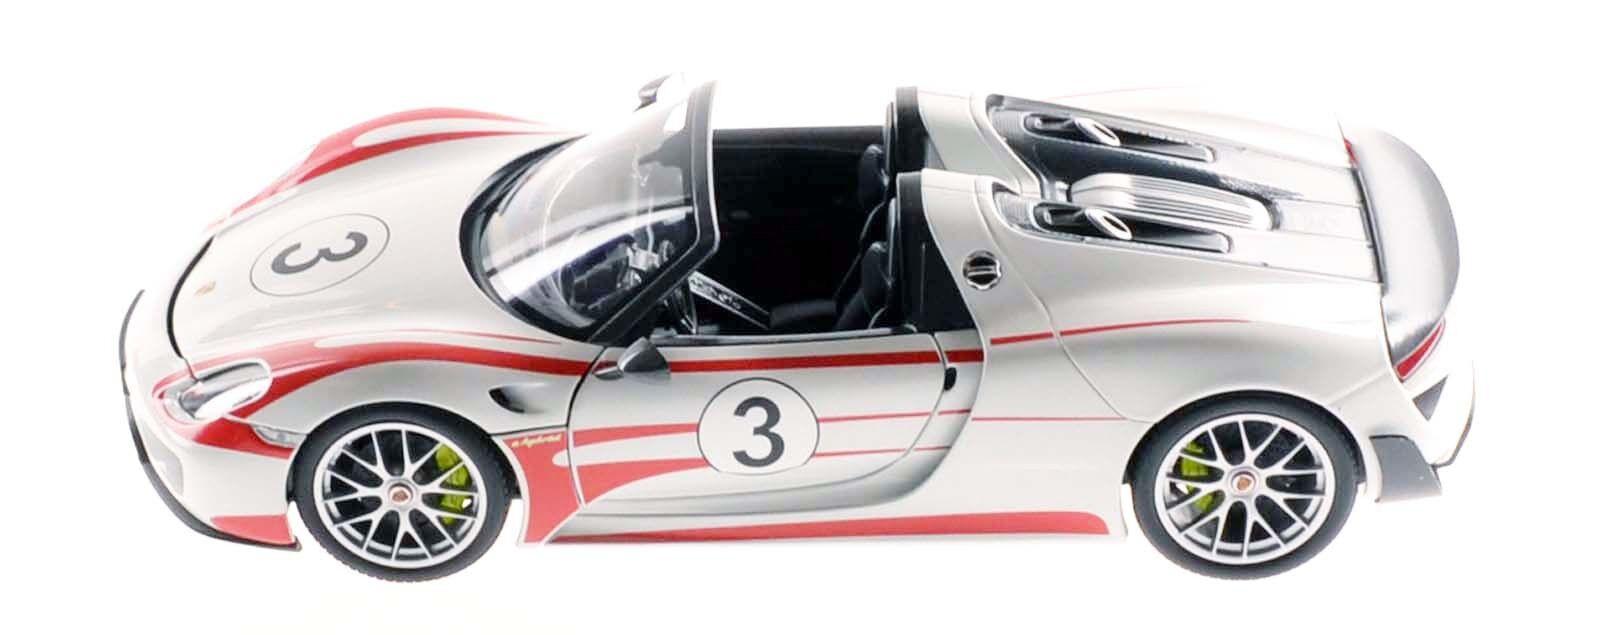 MINICHAMPS 110062441 Porsche 918 Spyder 2013 Weissach